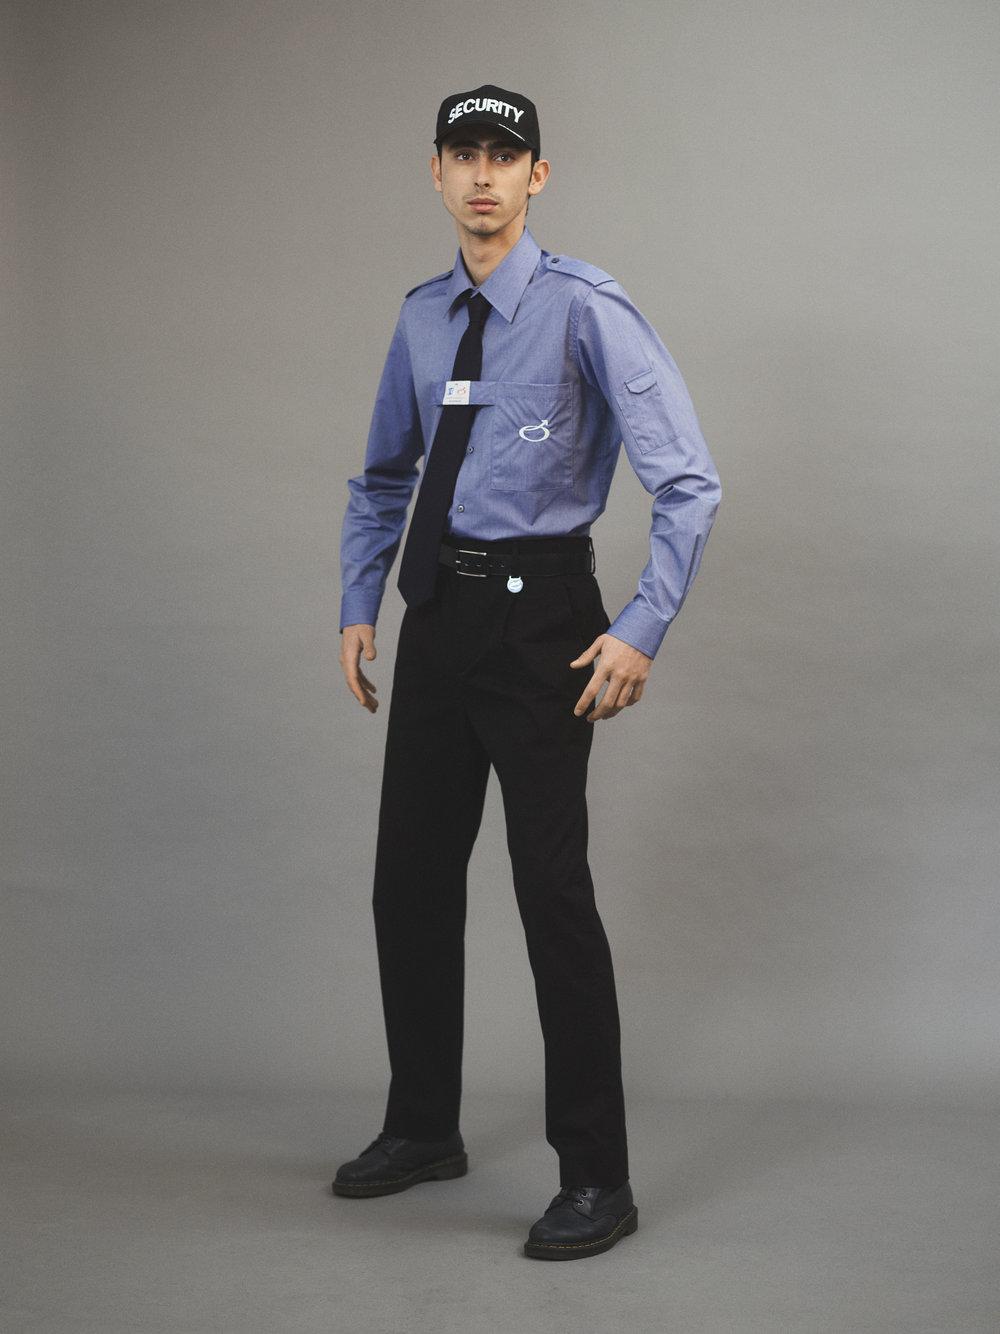 Camisa y pantalón de  XANDER ZHOU , corbata de  TIGER OF SWEDEN , cinturón de  HERMÈS , gorra de  WORKWEAR LONDON y botas de  DR. MARTENS .